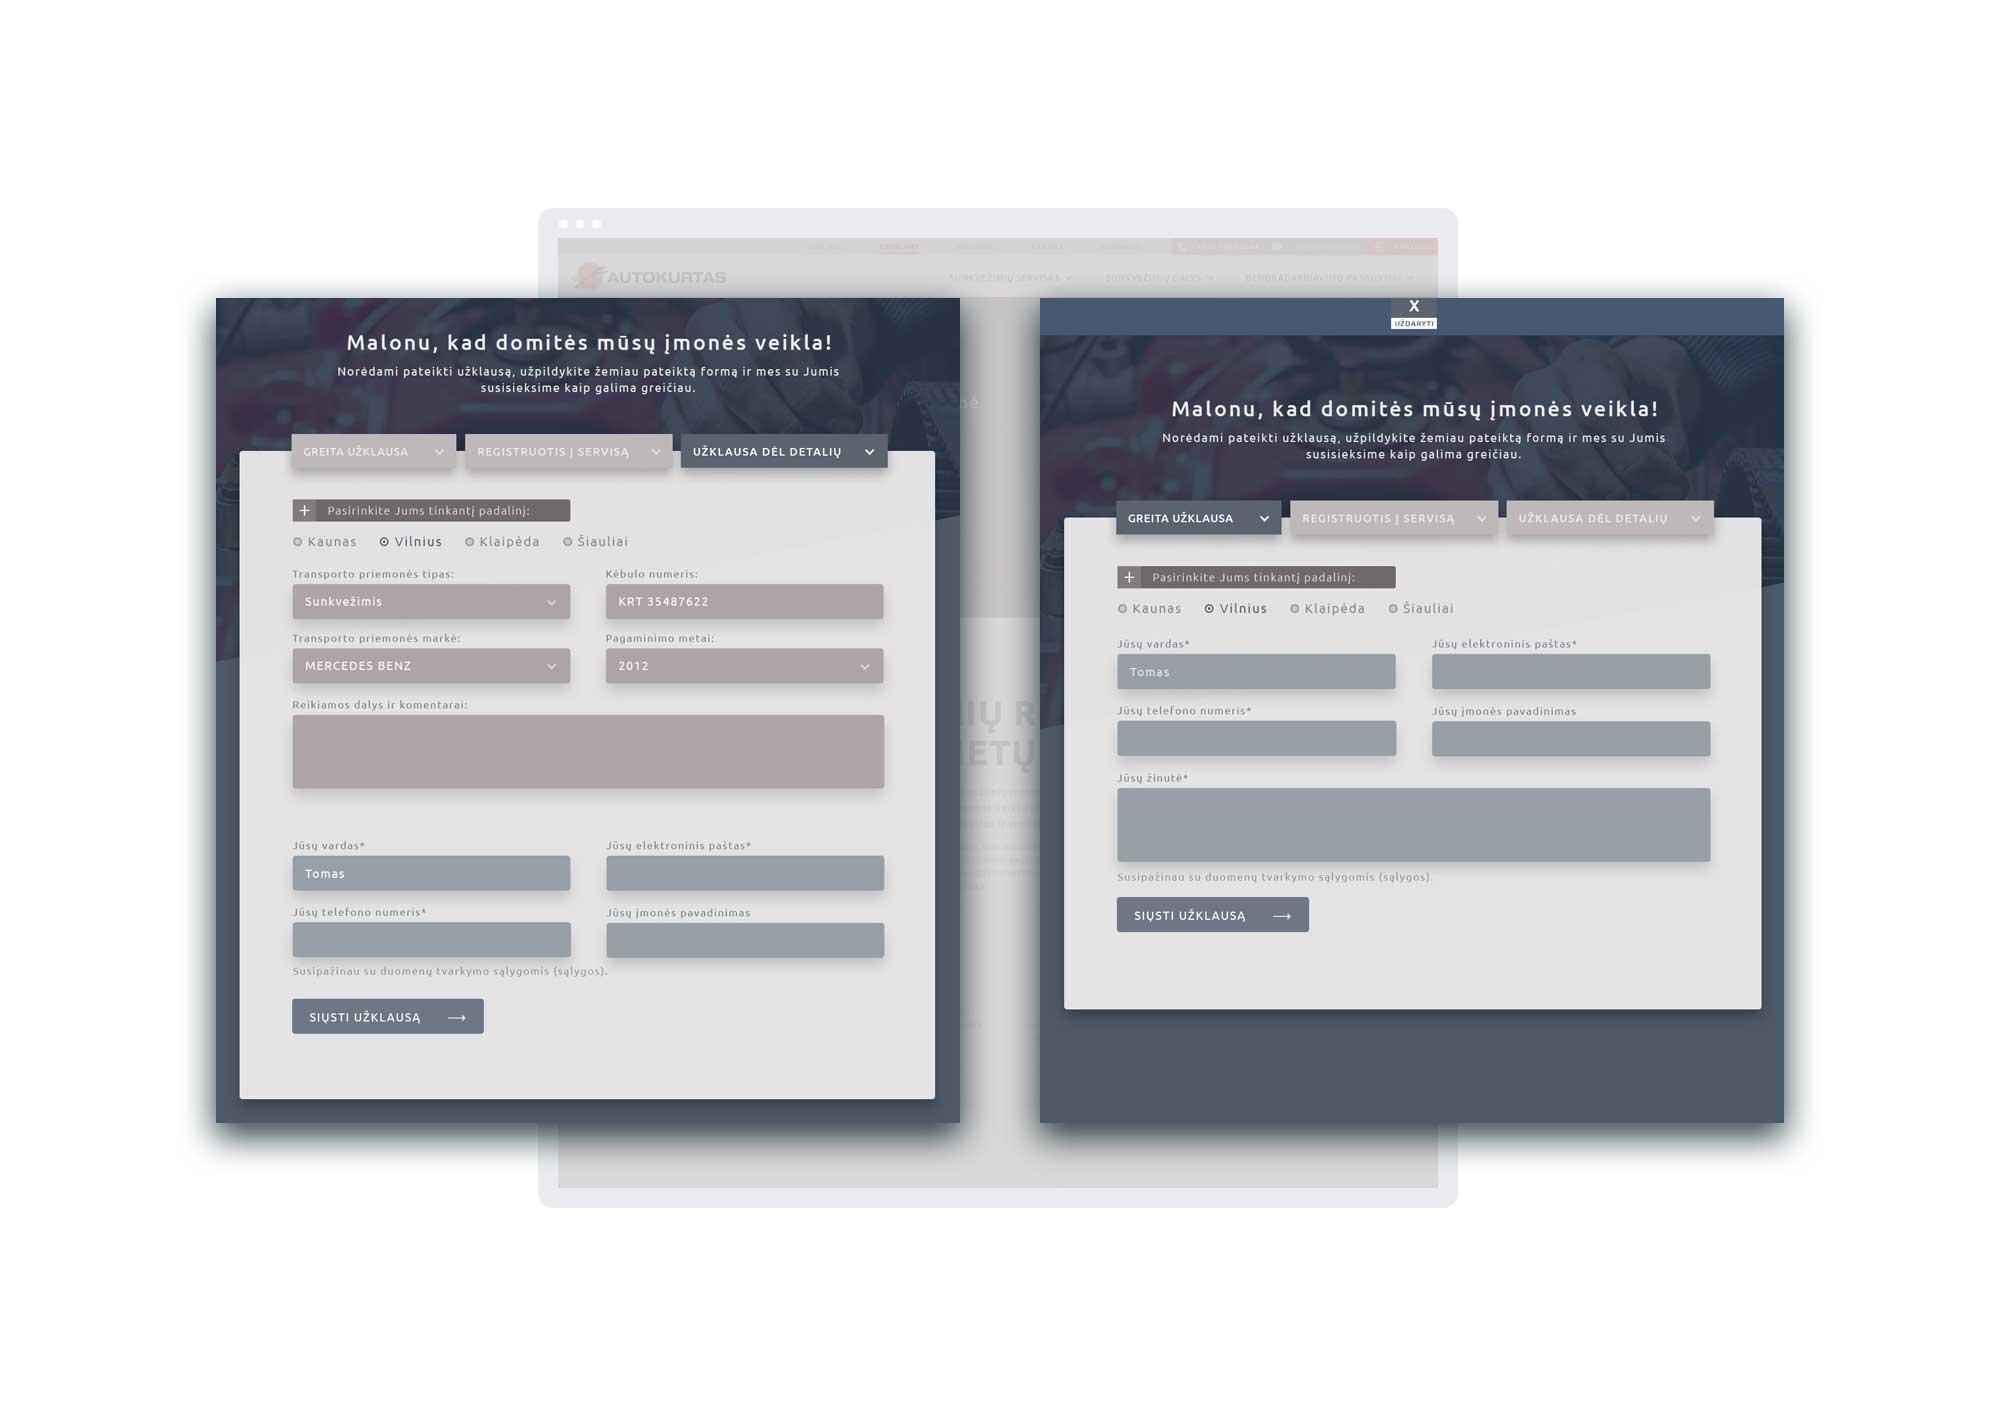 PIXELART - internetinių svetainių kūrimas. Sukūrėme aiškias ir itin patogias paslaugų užsakymo formas. Internetinių svetainių kūrimas: Vilniuje, Kaune, Šiauliuose, Klaipėdoje, Panevėžyje. Unikalių internetinių svetainių kūrimas – PIXELART.